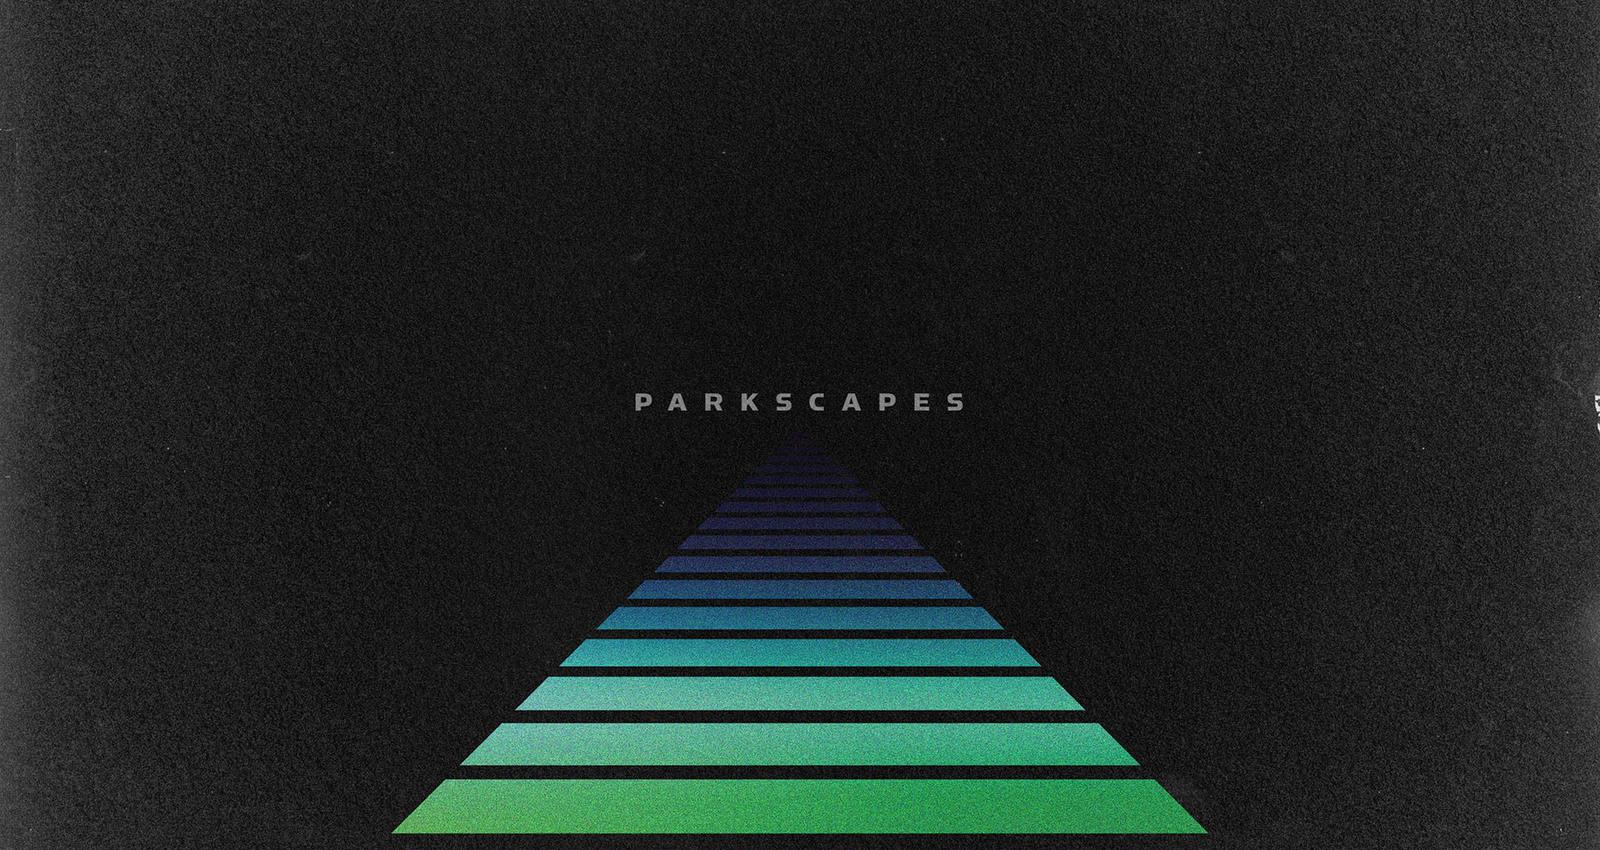 Parkscapes